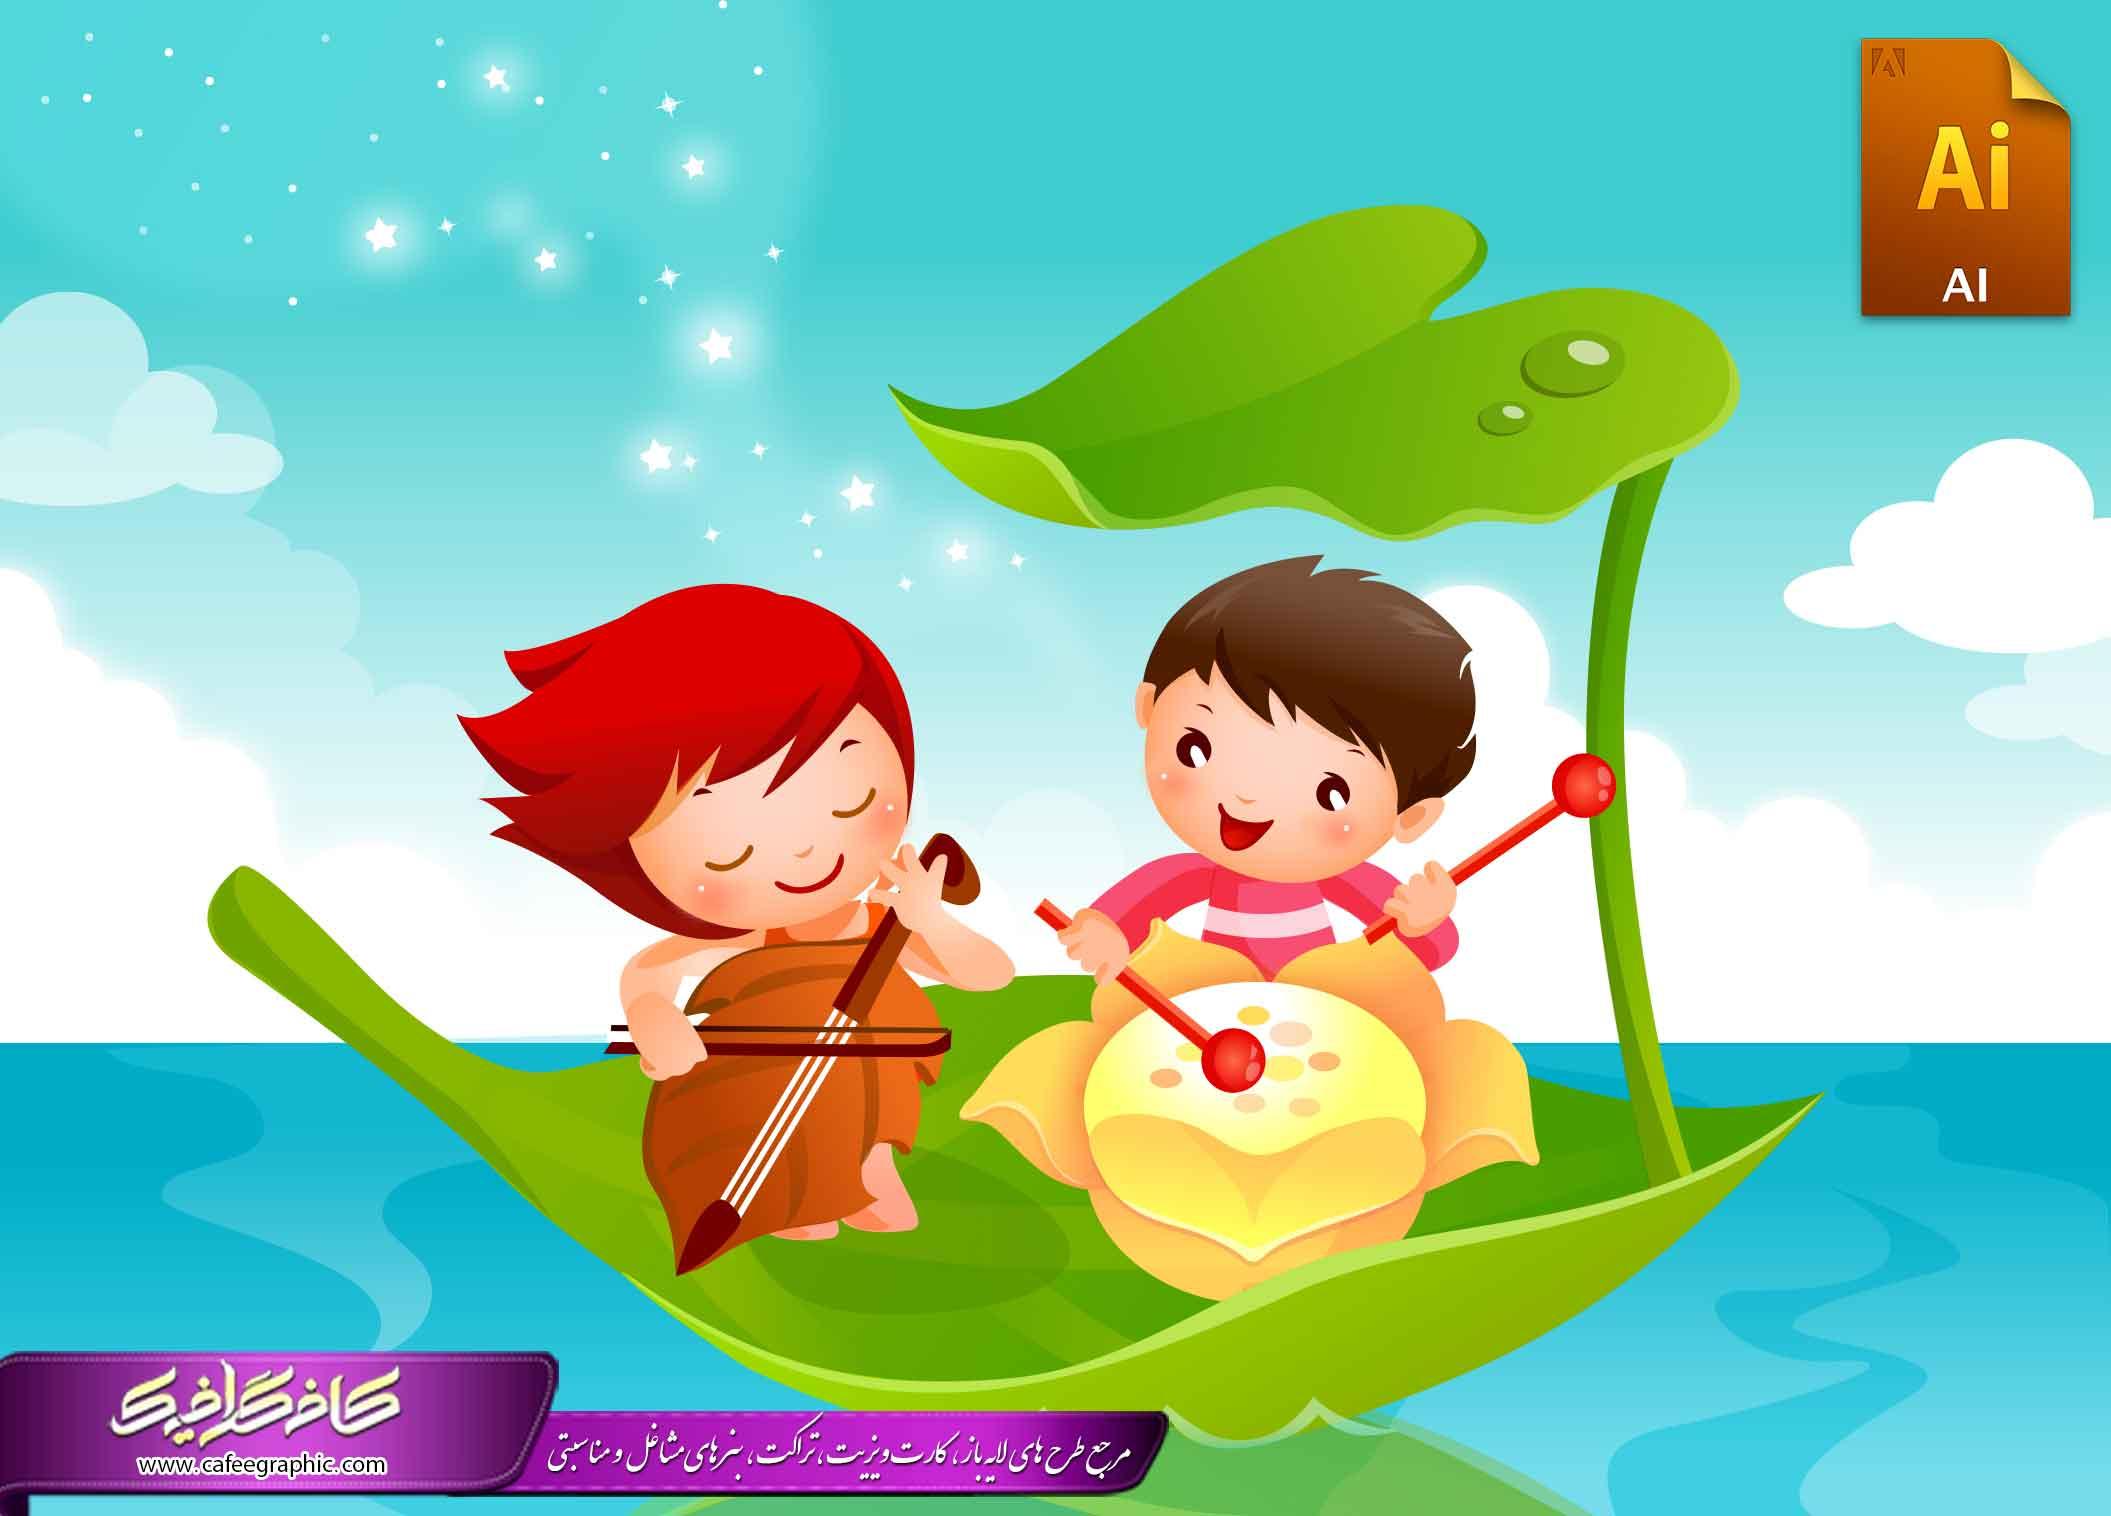 کارکتر و شخصیت کارتونی کودک و قایق در فرمت Ai و eps